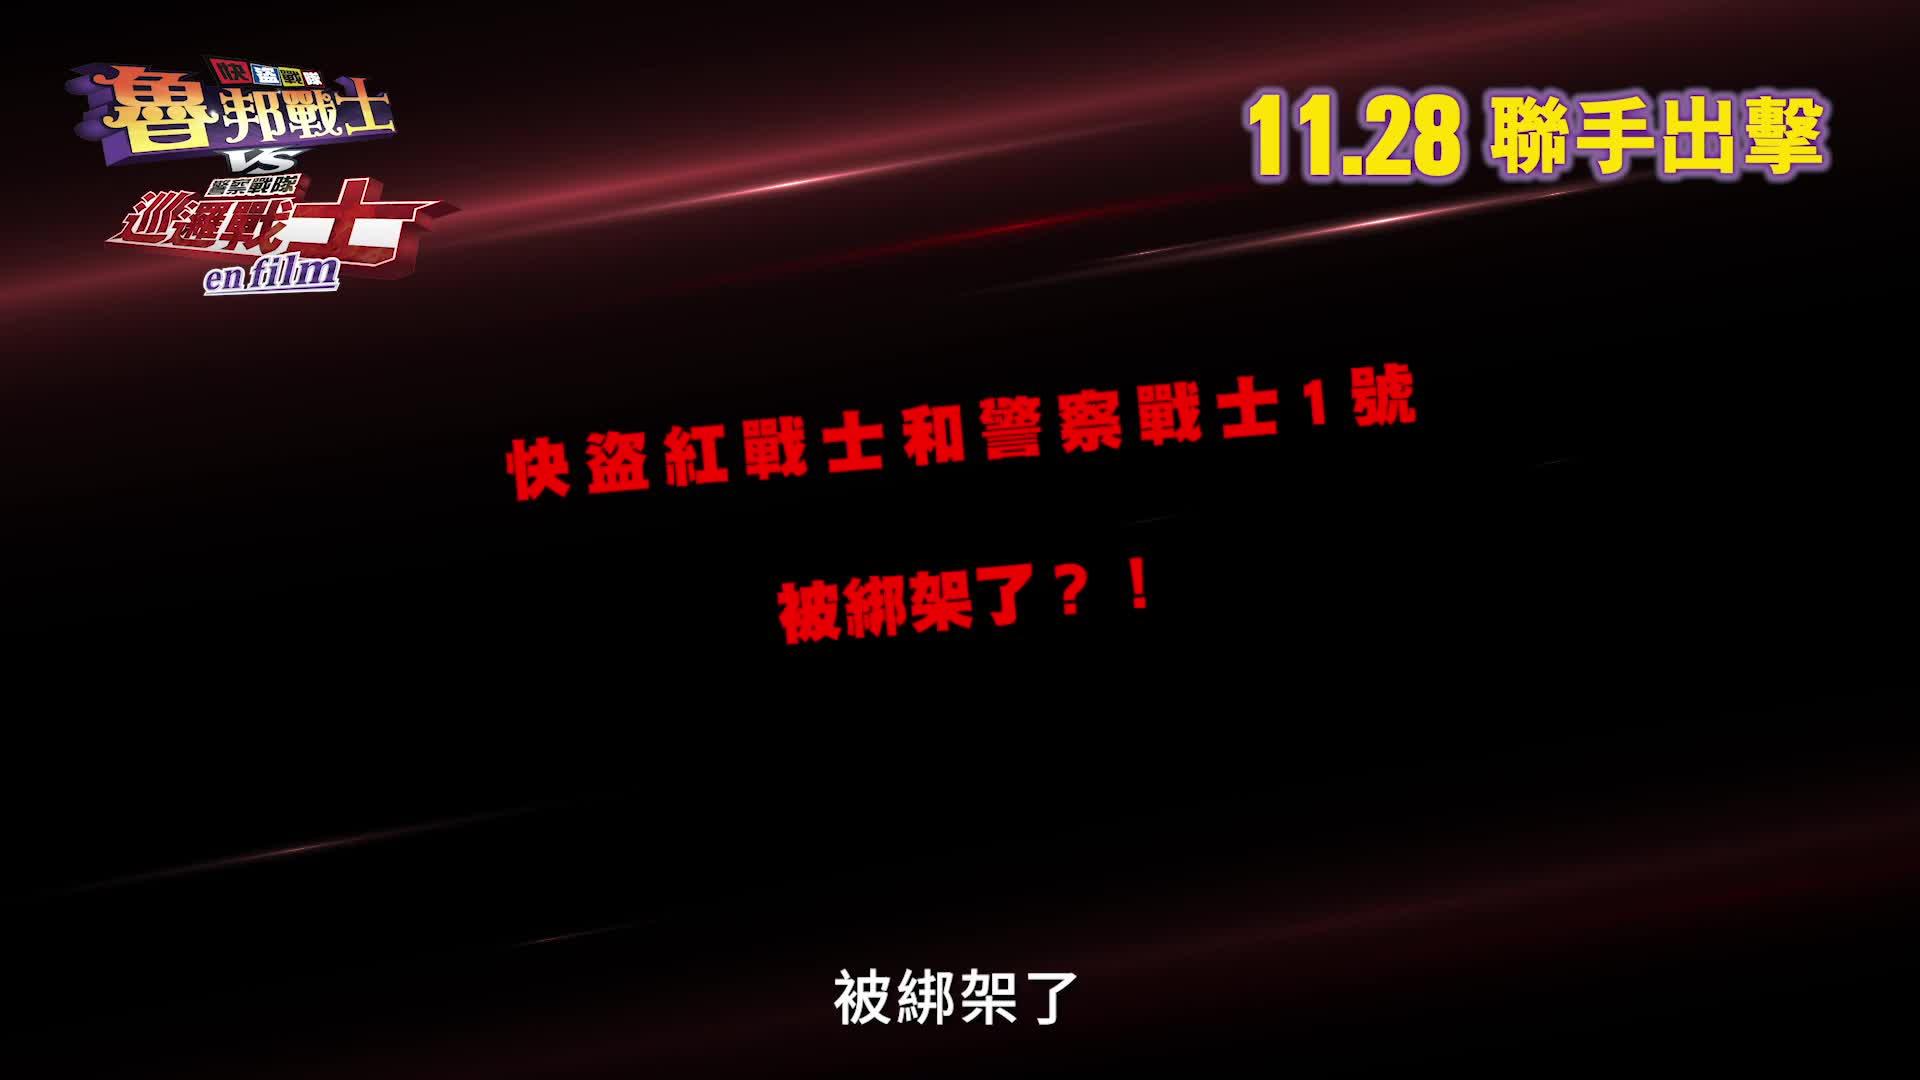 《劇場版 幪面超人時王 Over Quartzer × 快盜戰隊VS警察戰隊 en film》電影預告